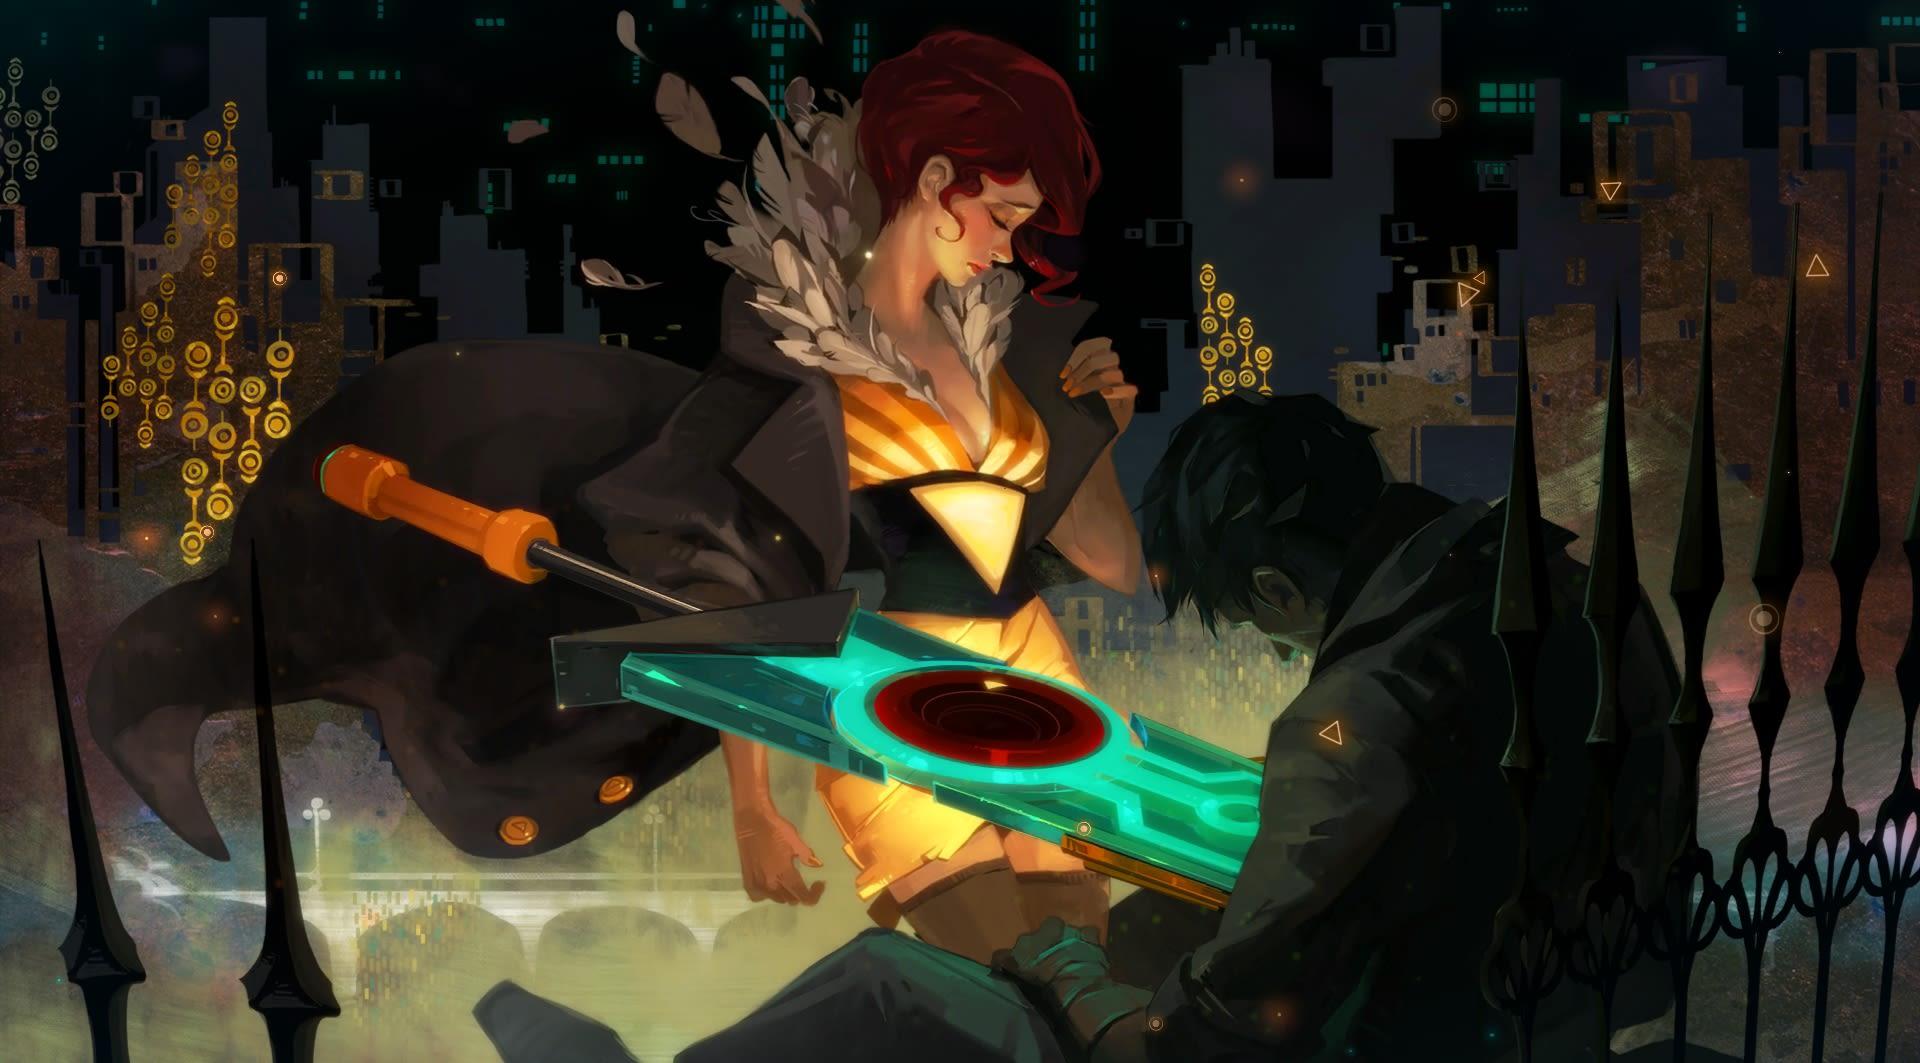 transistor stabbing video game